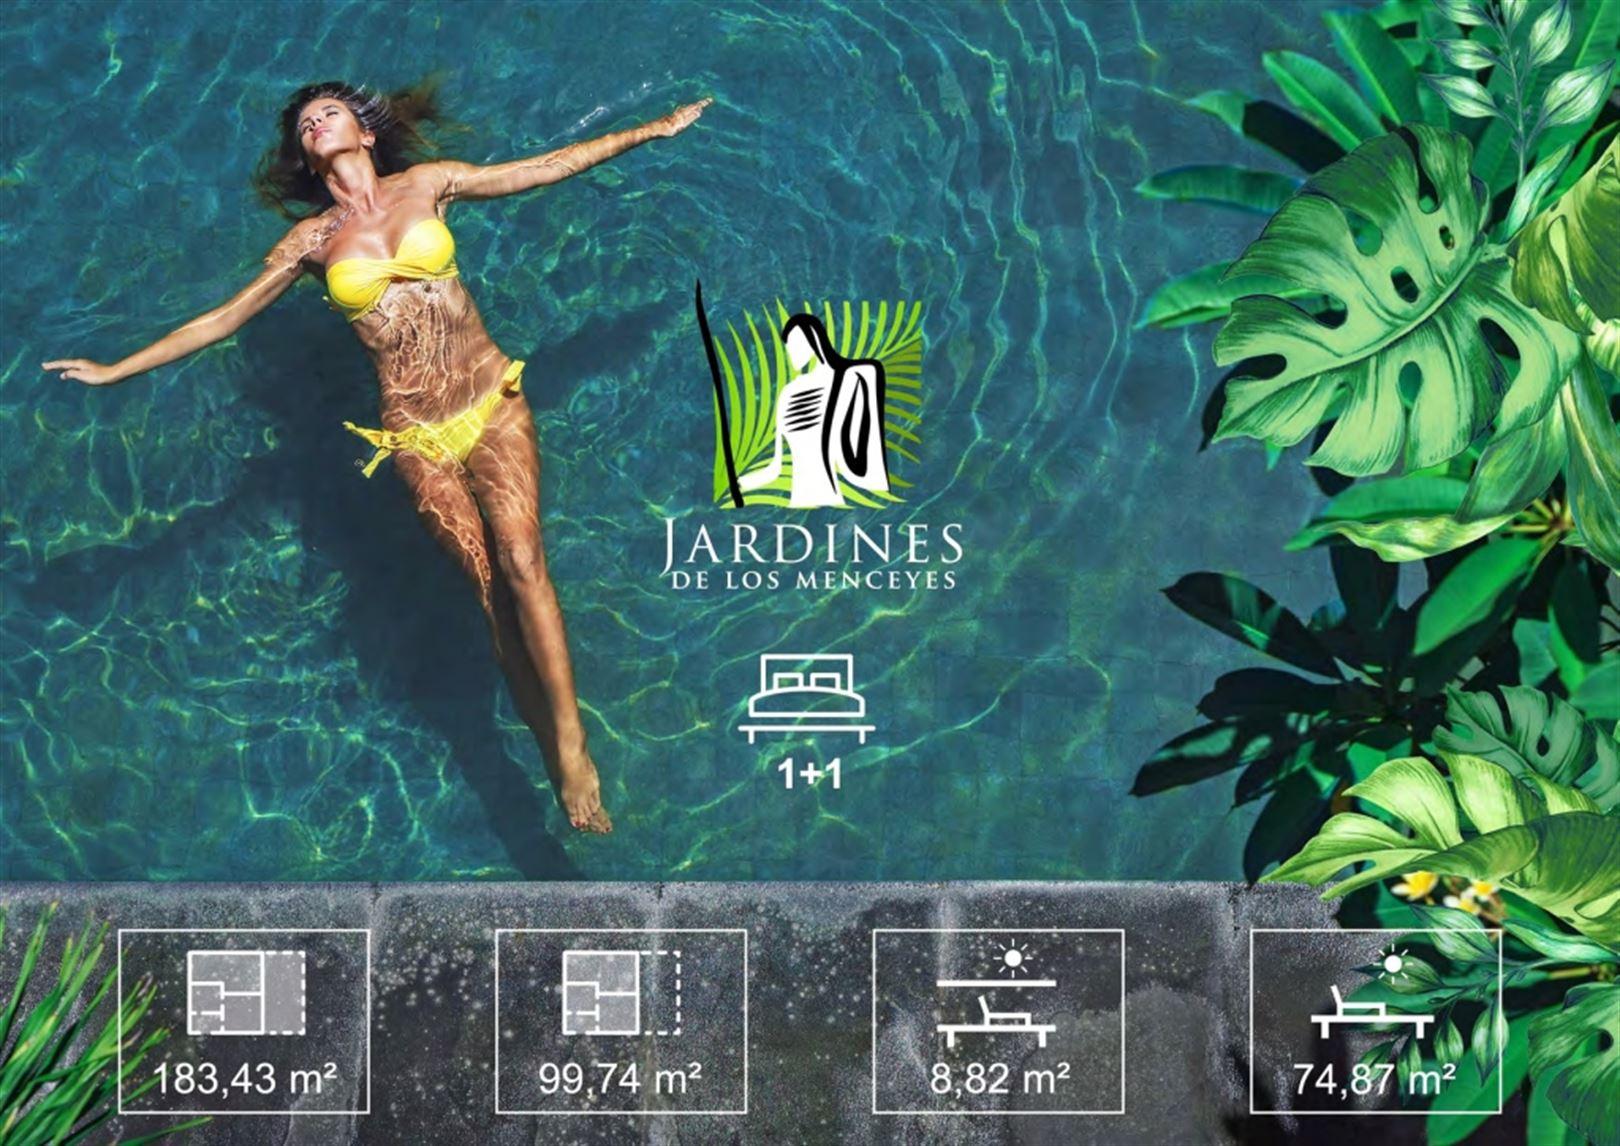 Foto 6 : Appartement te  ARONA - PALM MAR (Spanje) - Prijs Prijs op aanvraag